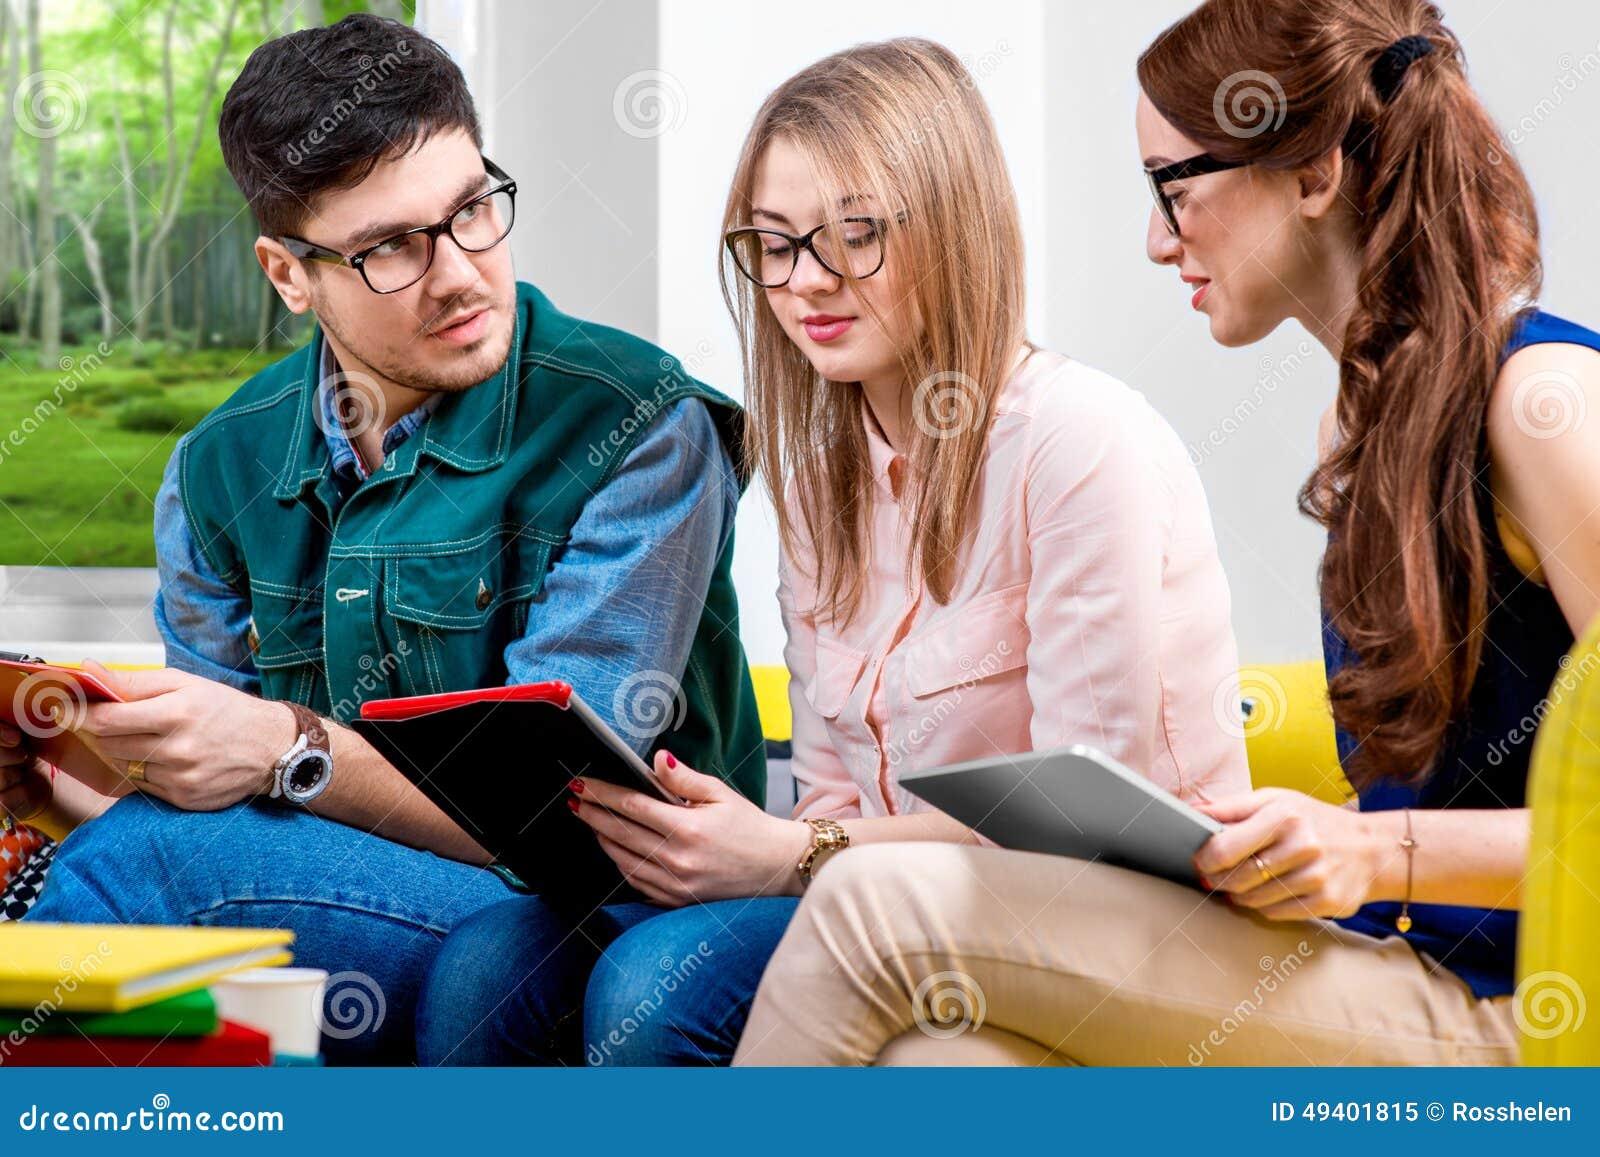 Download Studenten, Die An Der Couch Arbeiten Stockbild - Bild von lächeln, couch: 49401815